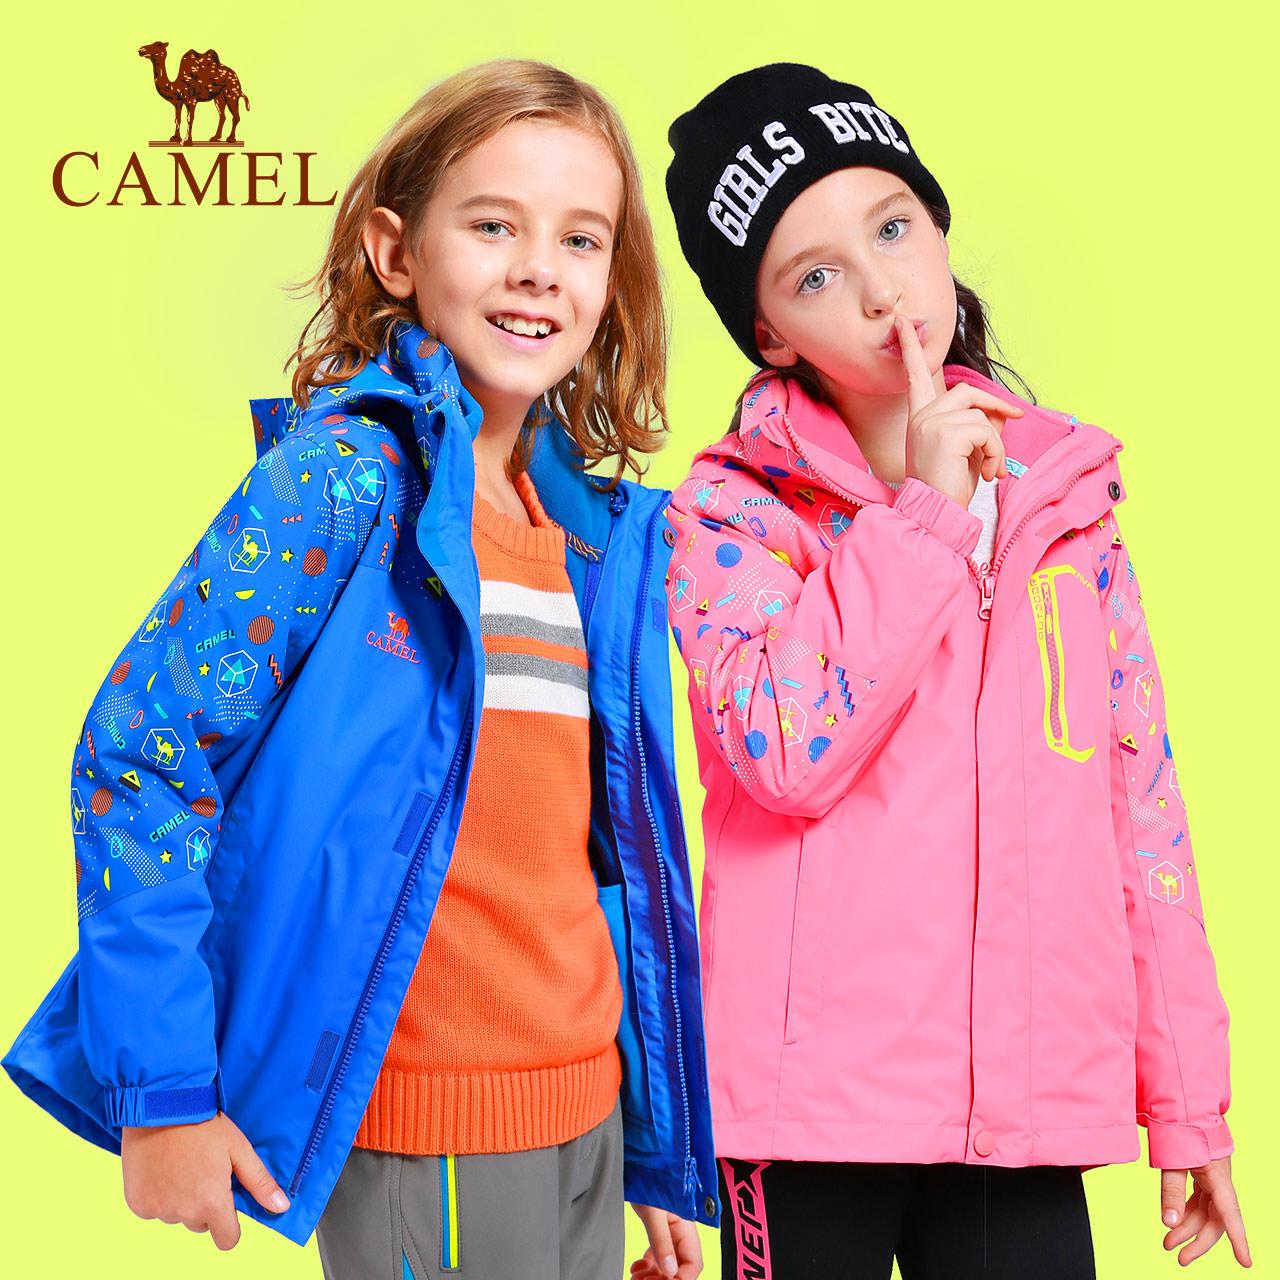 骆驼冲锋衣秋冬男女童印花抓绒两件套三合一户外儿童冲锋衣